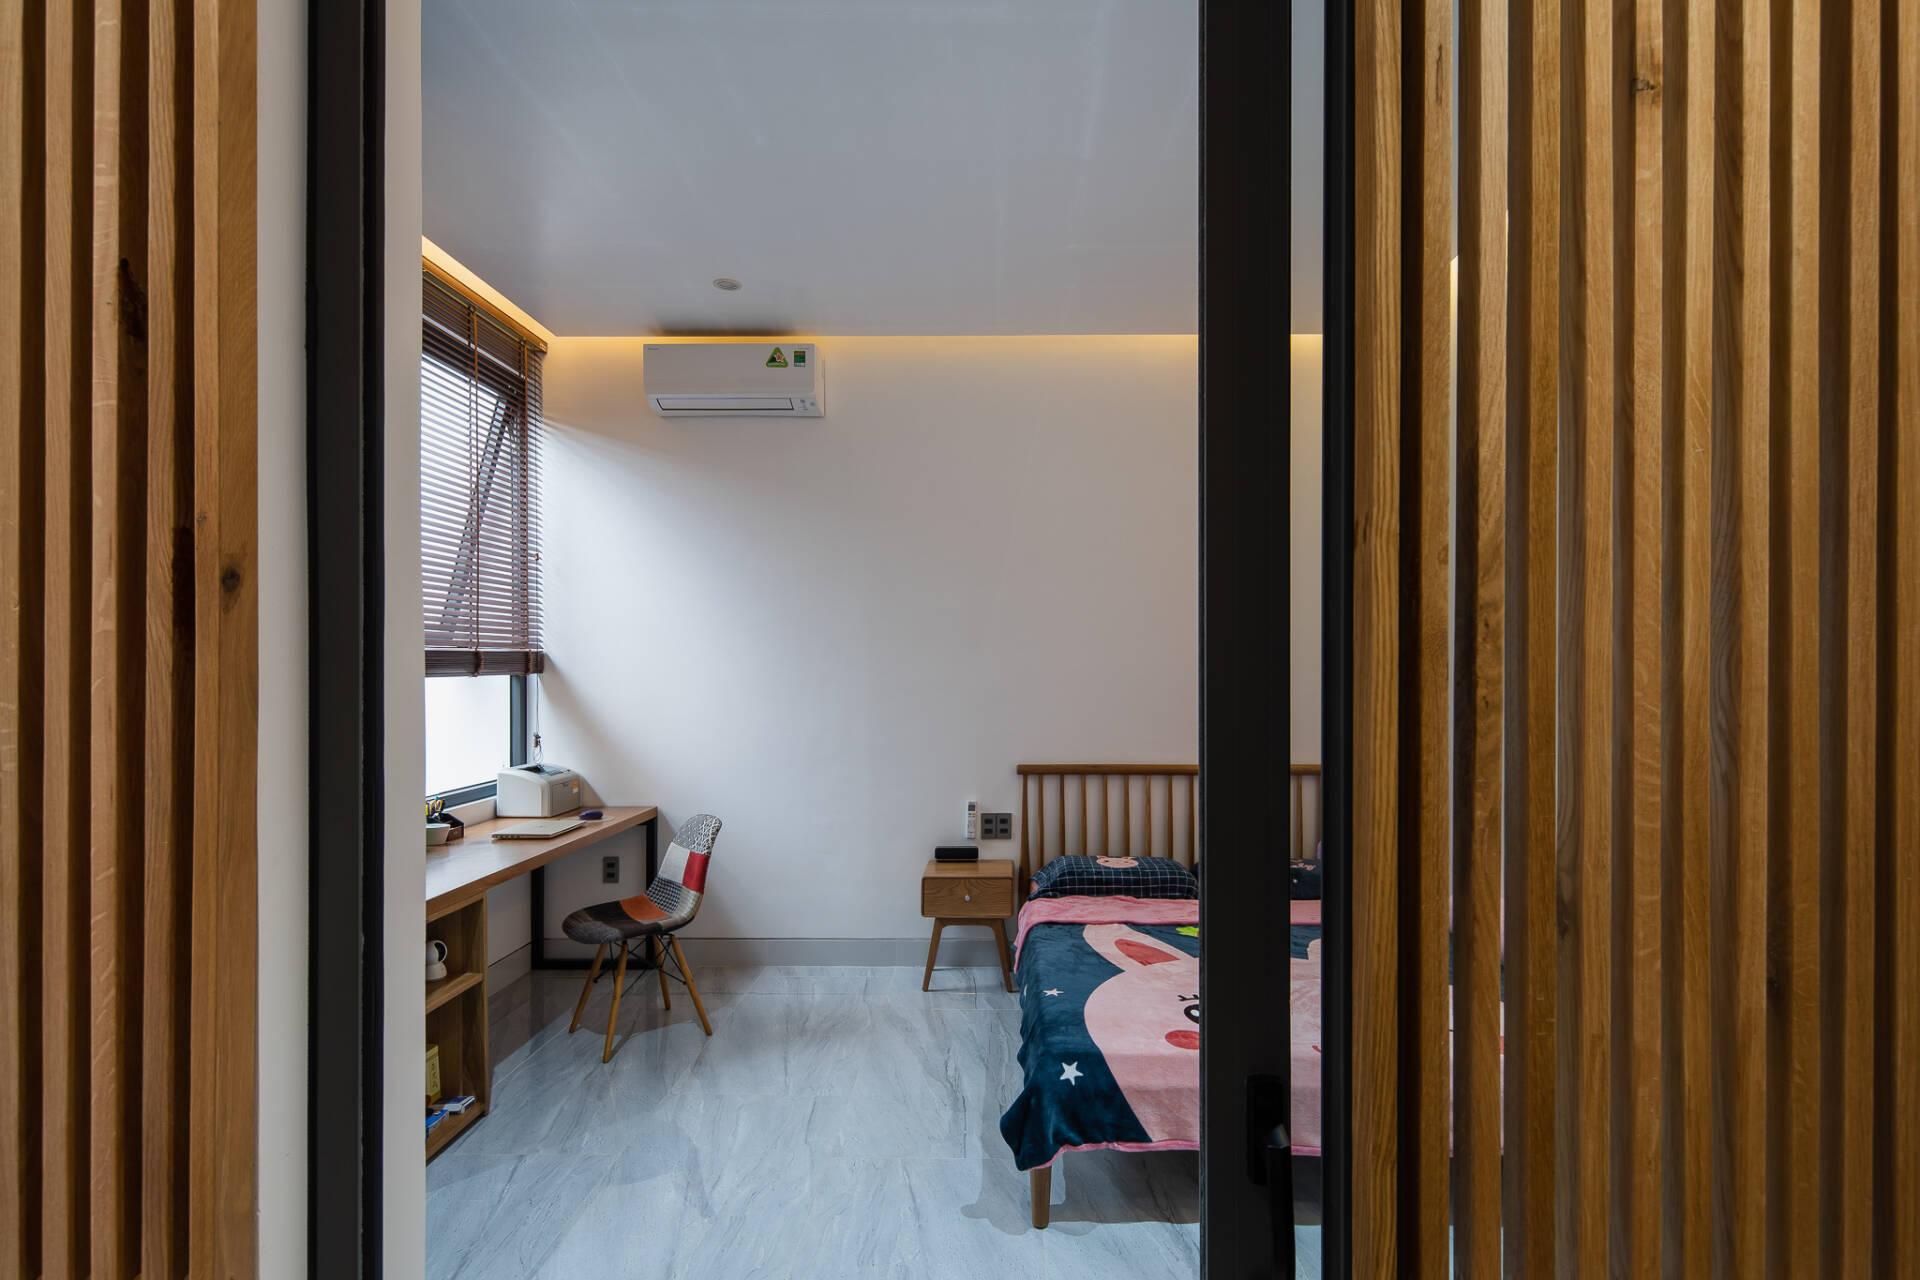 Phòng ngủ của con cũng được thiết kế khá tương đồng với phòng ngủ bố mẹ